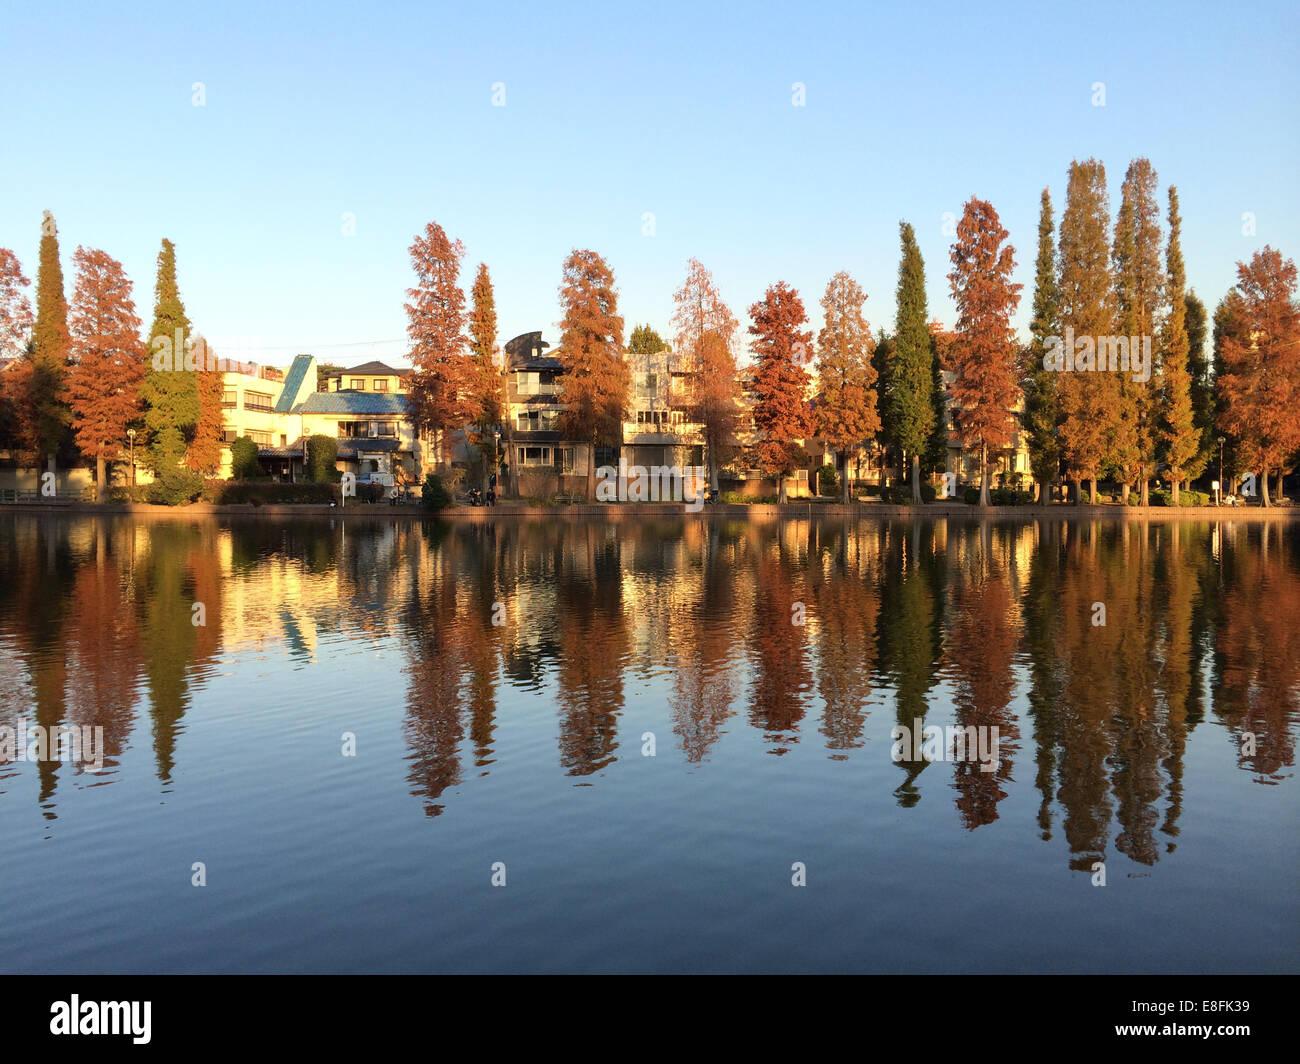 Bäume und Häuser am Fluss Stockbild